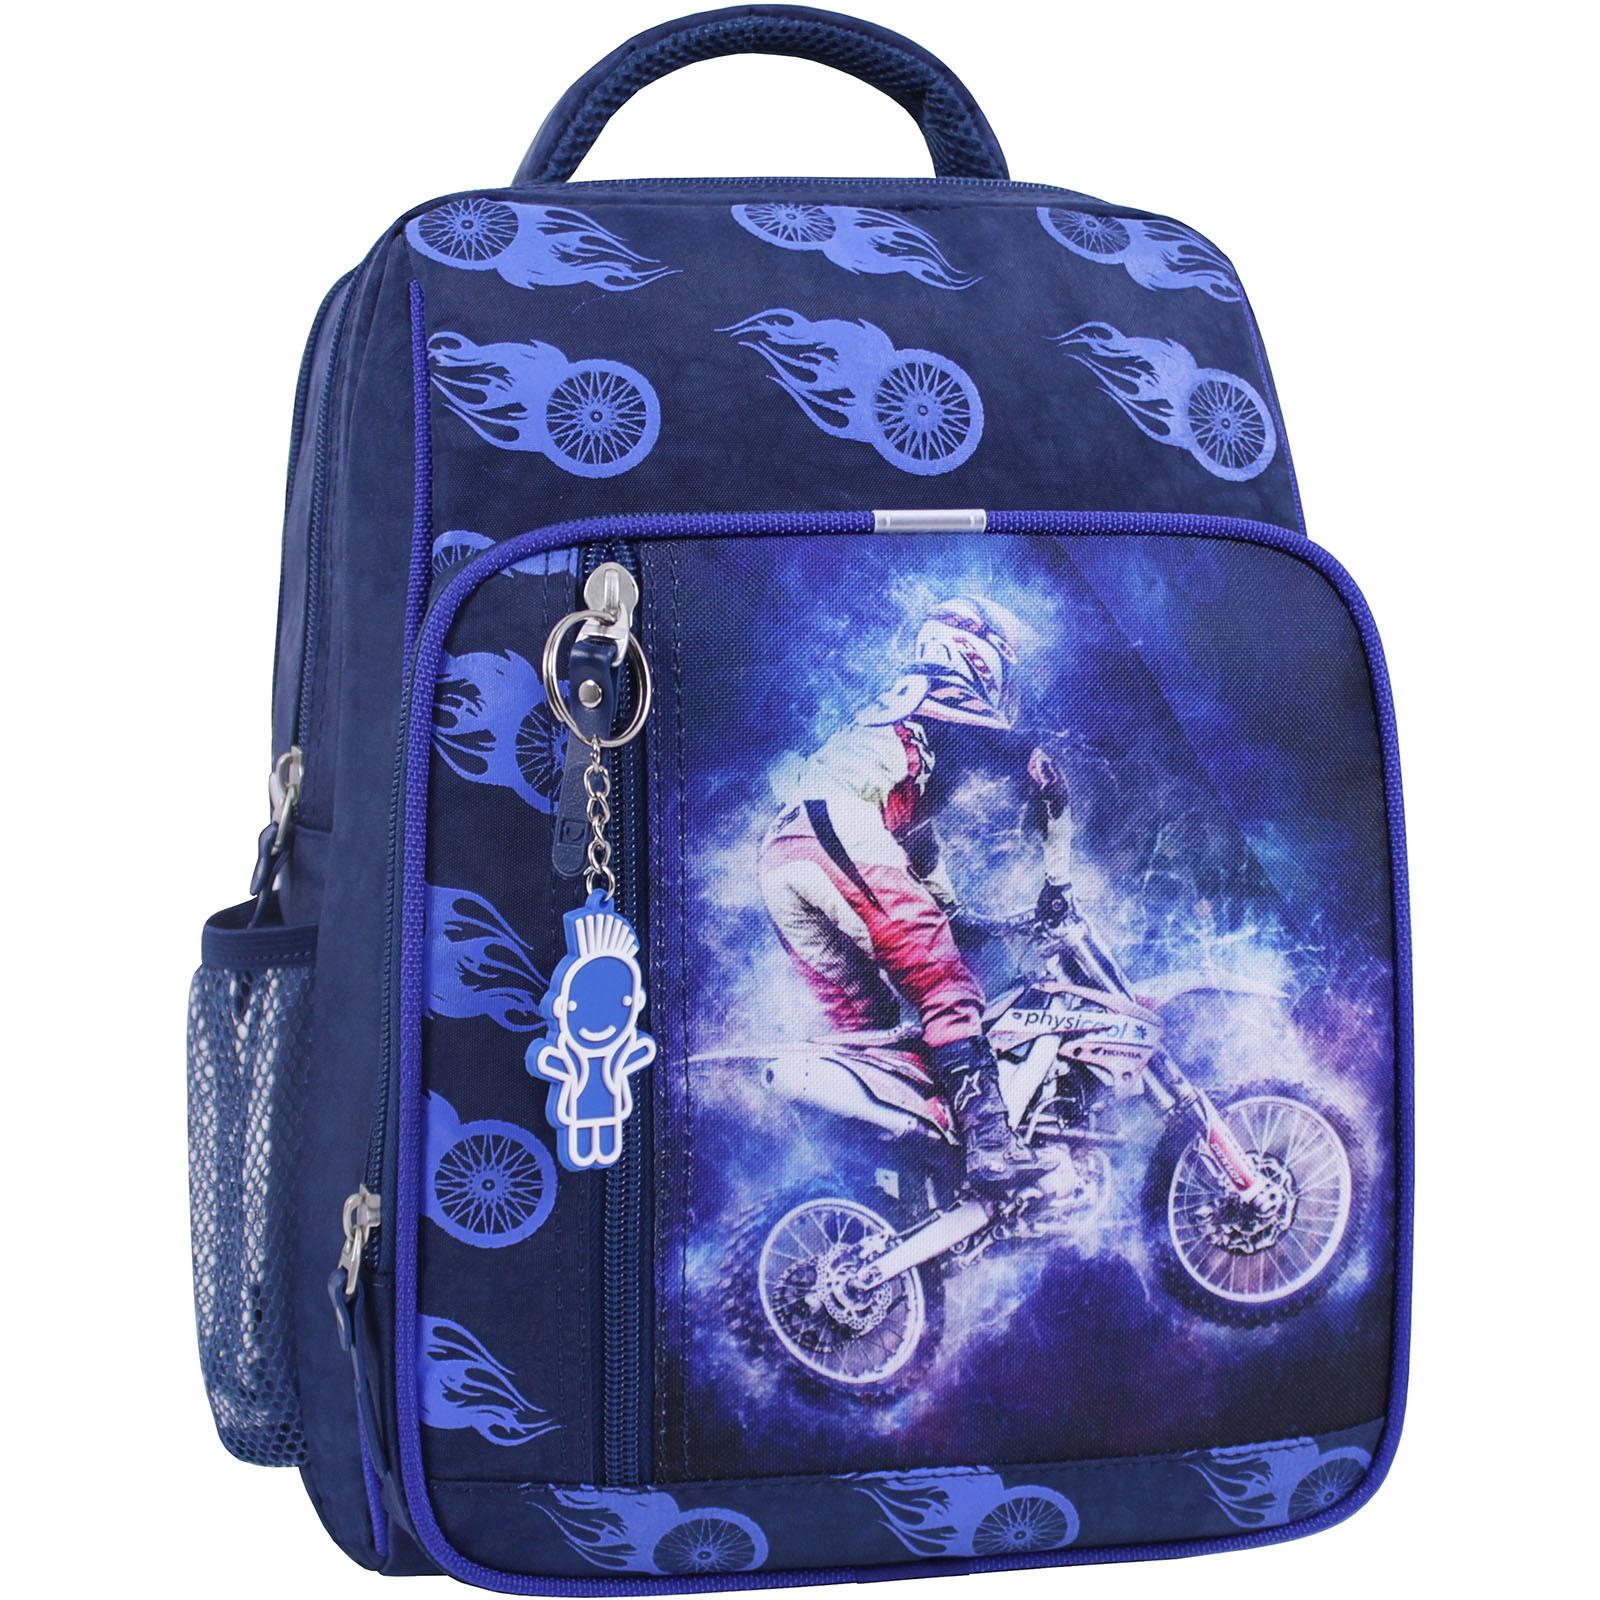 Рюкзак школьный Bagland Школьник 8 л. синий 507 (0012870) фото 1